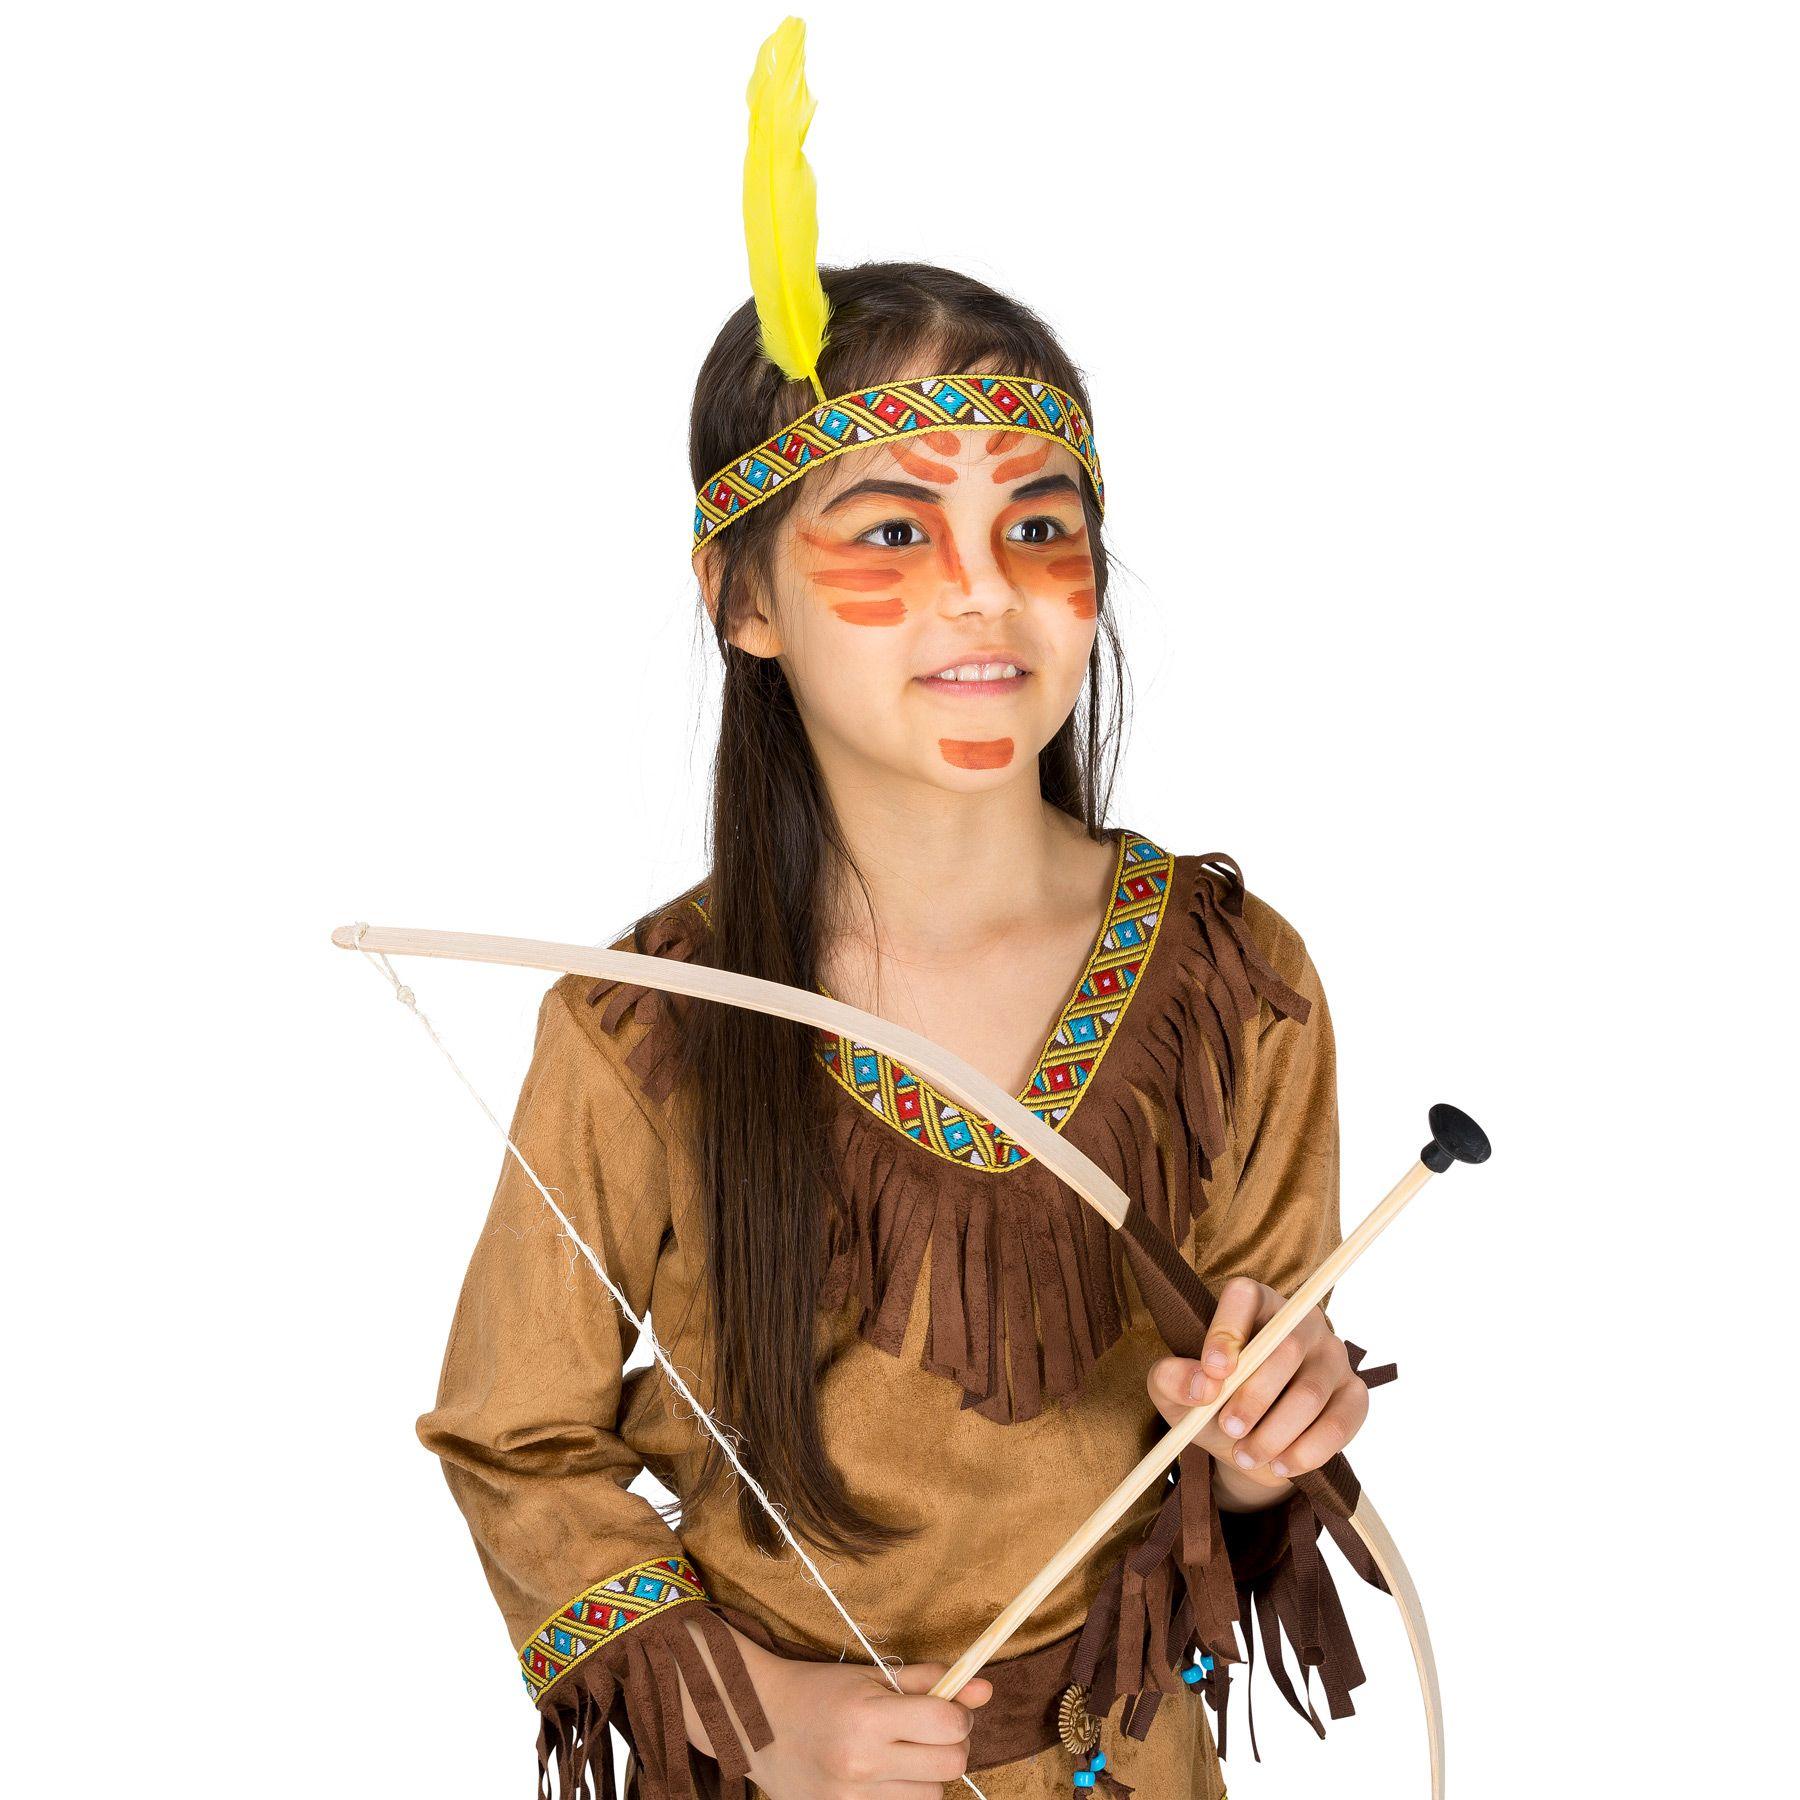 ada4c765c9ec Il costume per bambina ragazza da indiana Shania è un meraviglioso vestito  da indiana